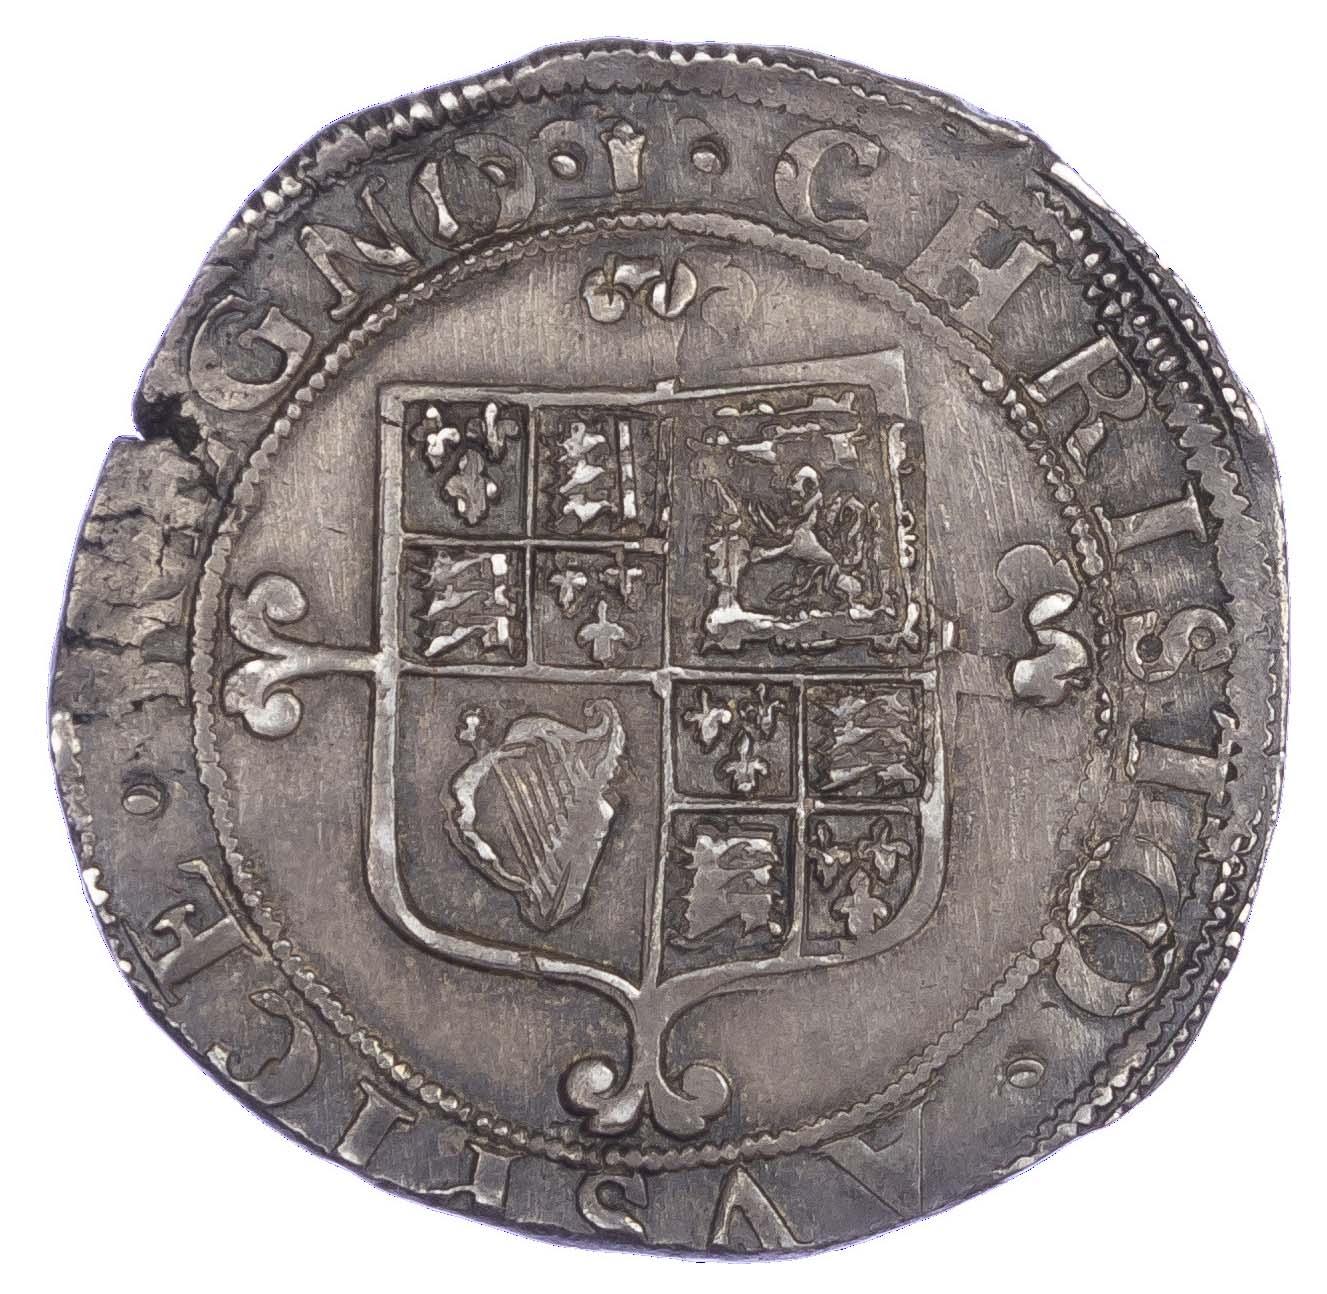 Charles II (1660-85), Halfcrown, third hammered issue